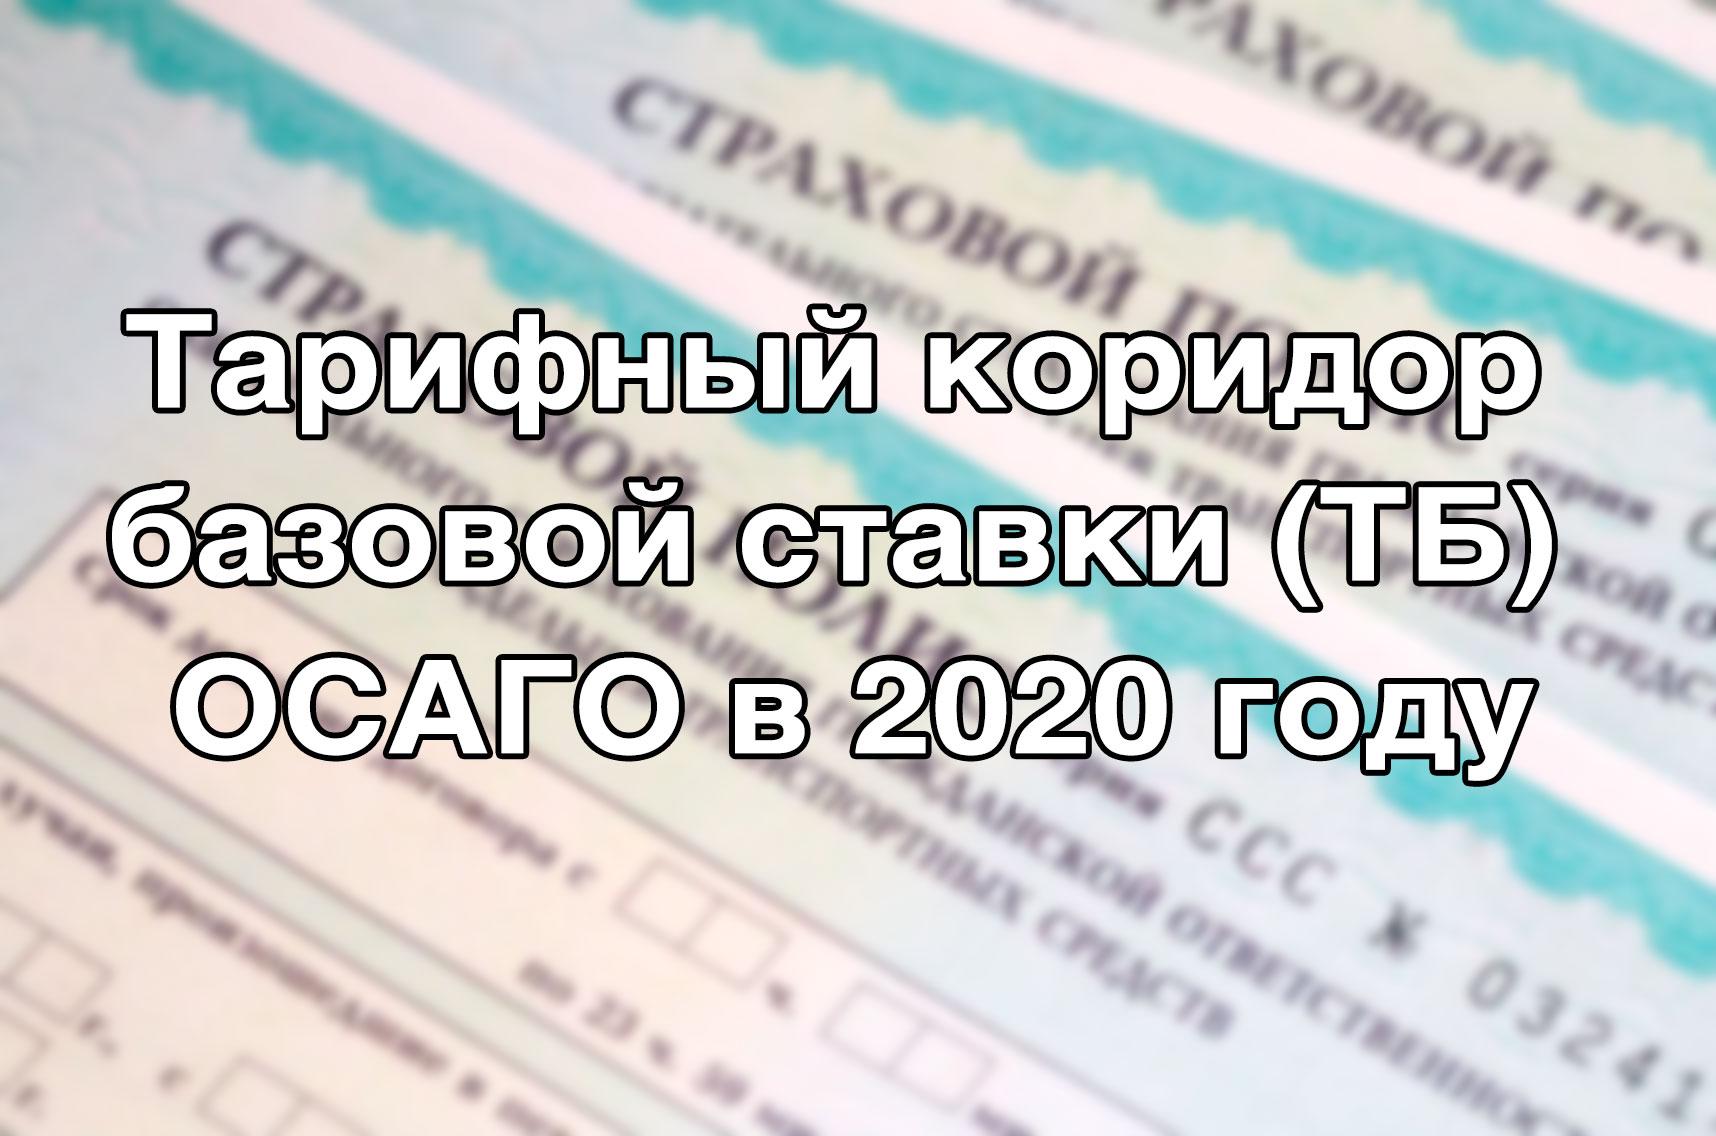 Тарифный коридор базовой ставки (ТБ) ОСАГО в 2020 году